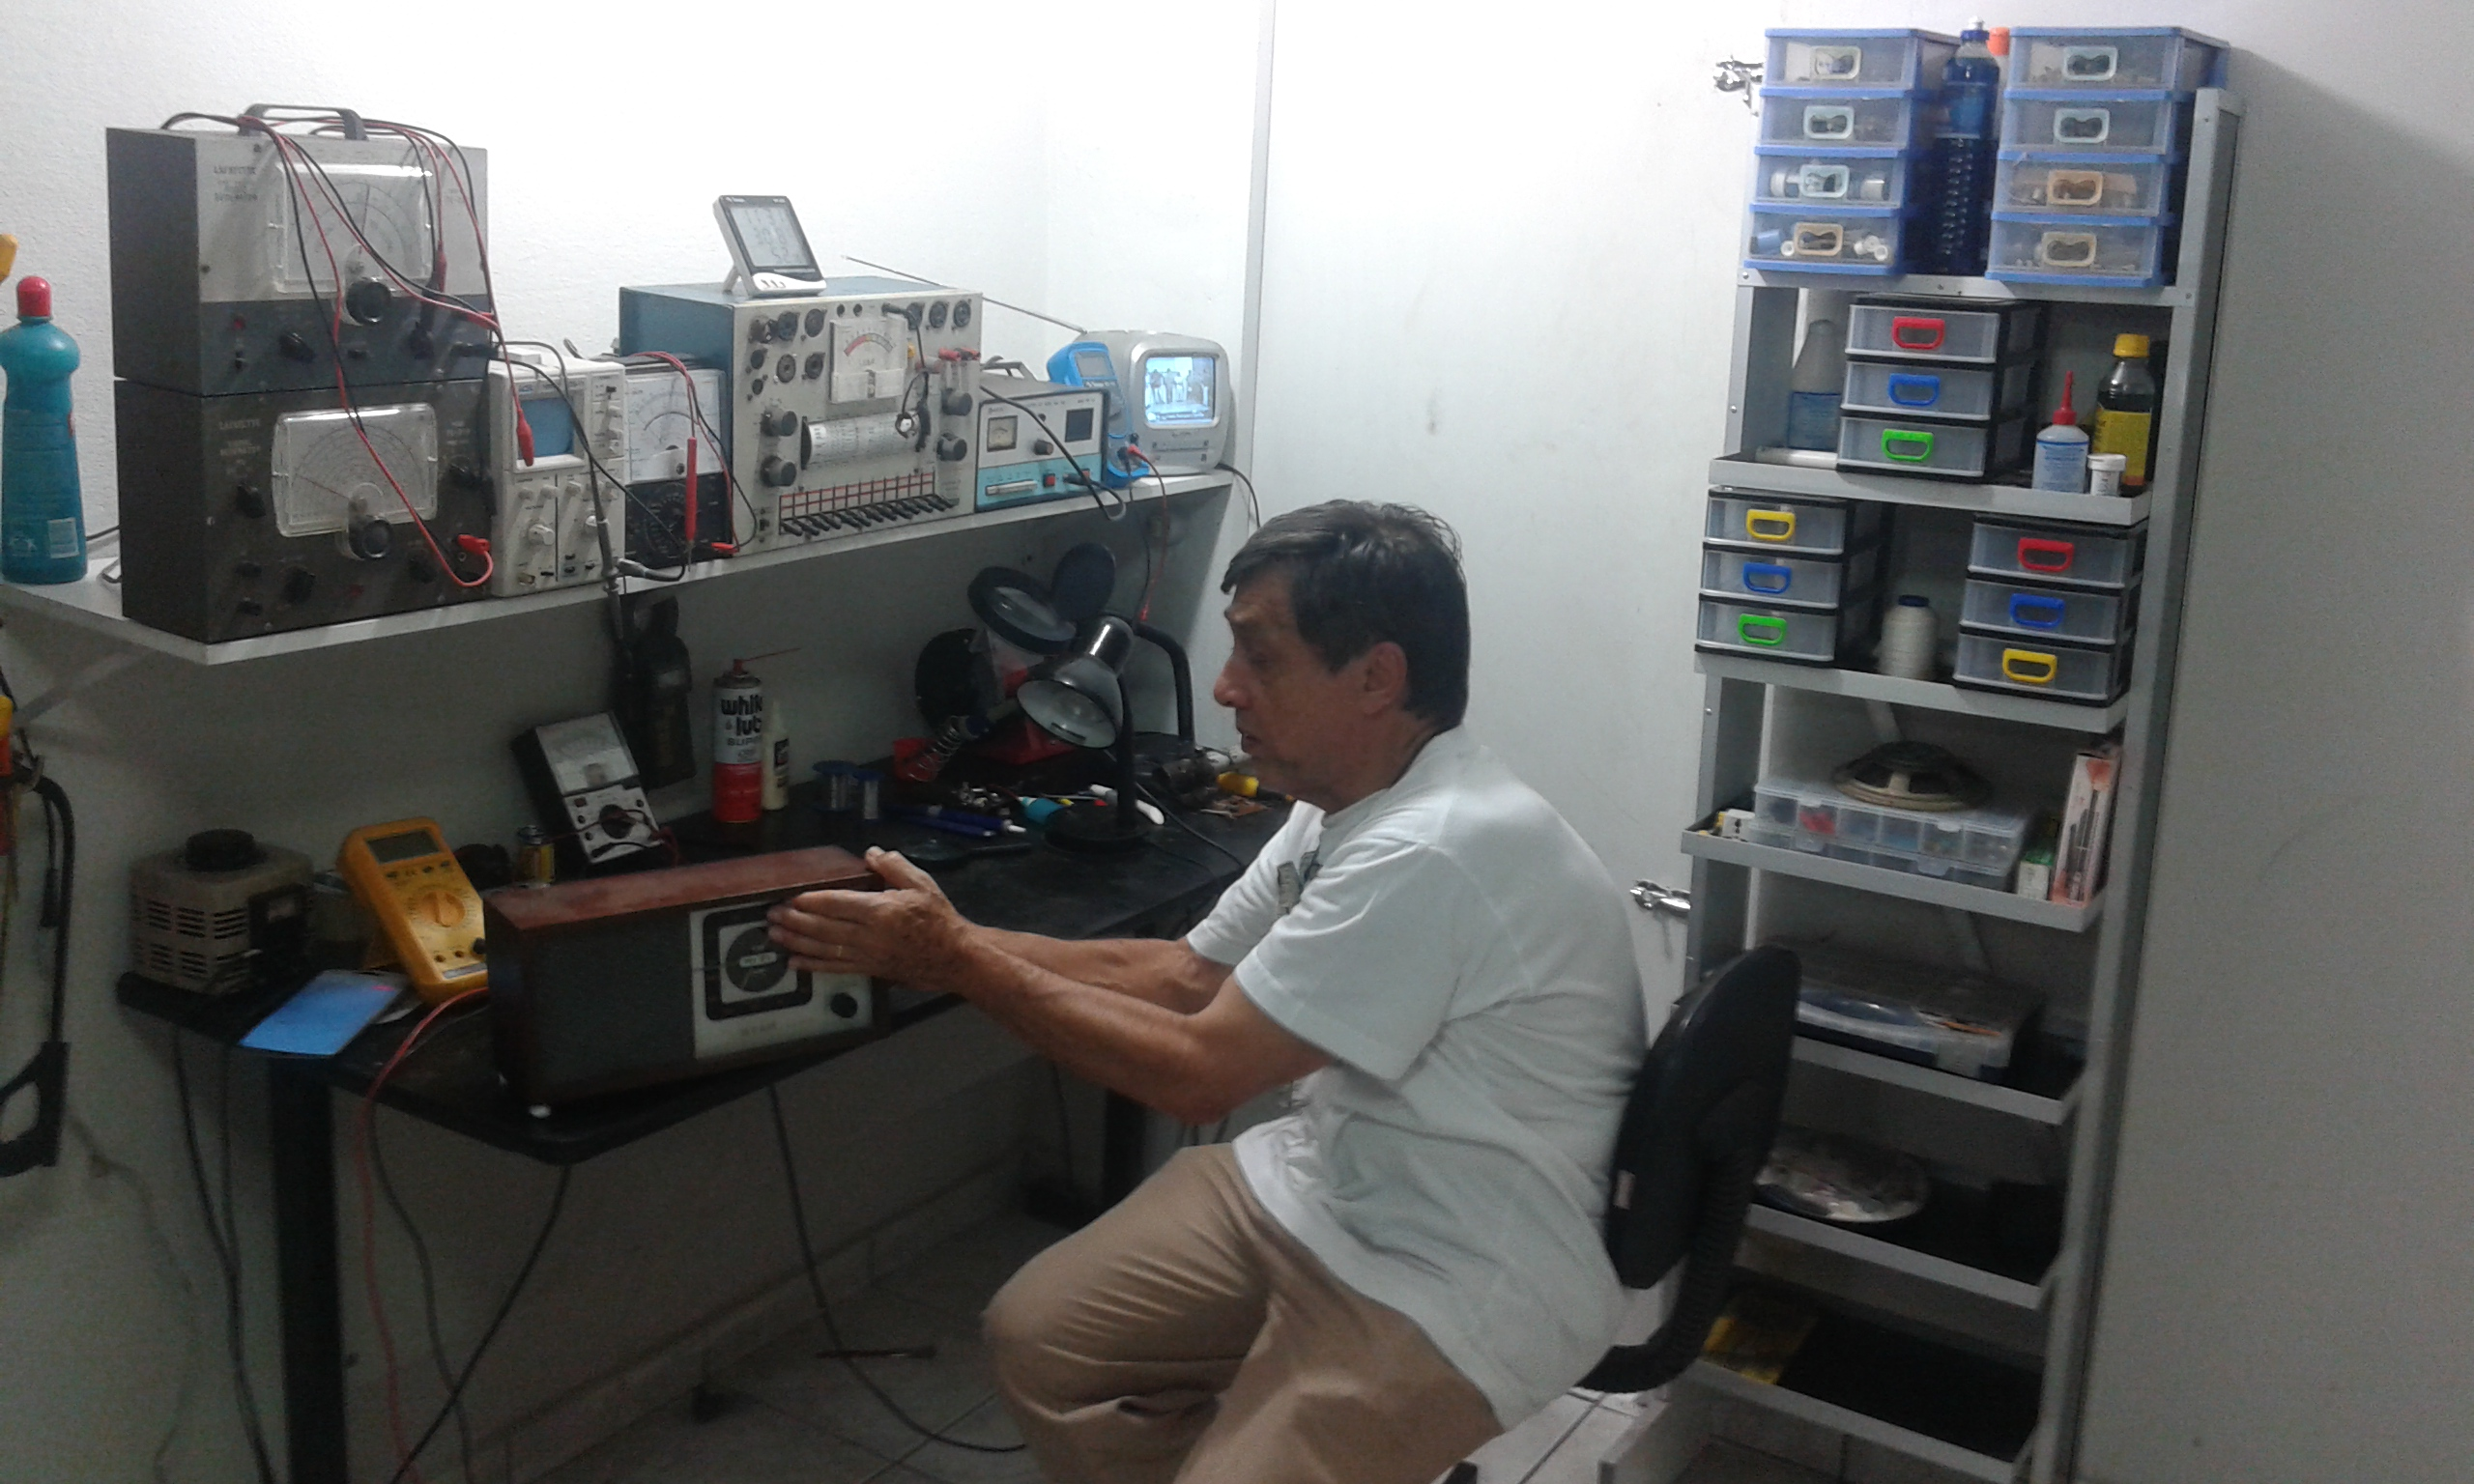 Mr. Fernando de Paula dans la table de réparations des radios à lampe de lui (Crédite Photo Fabio Santana).